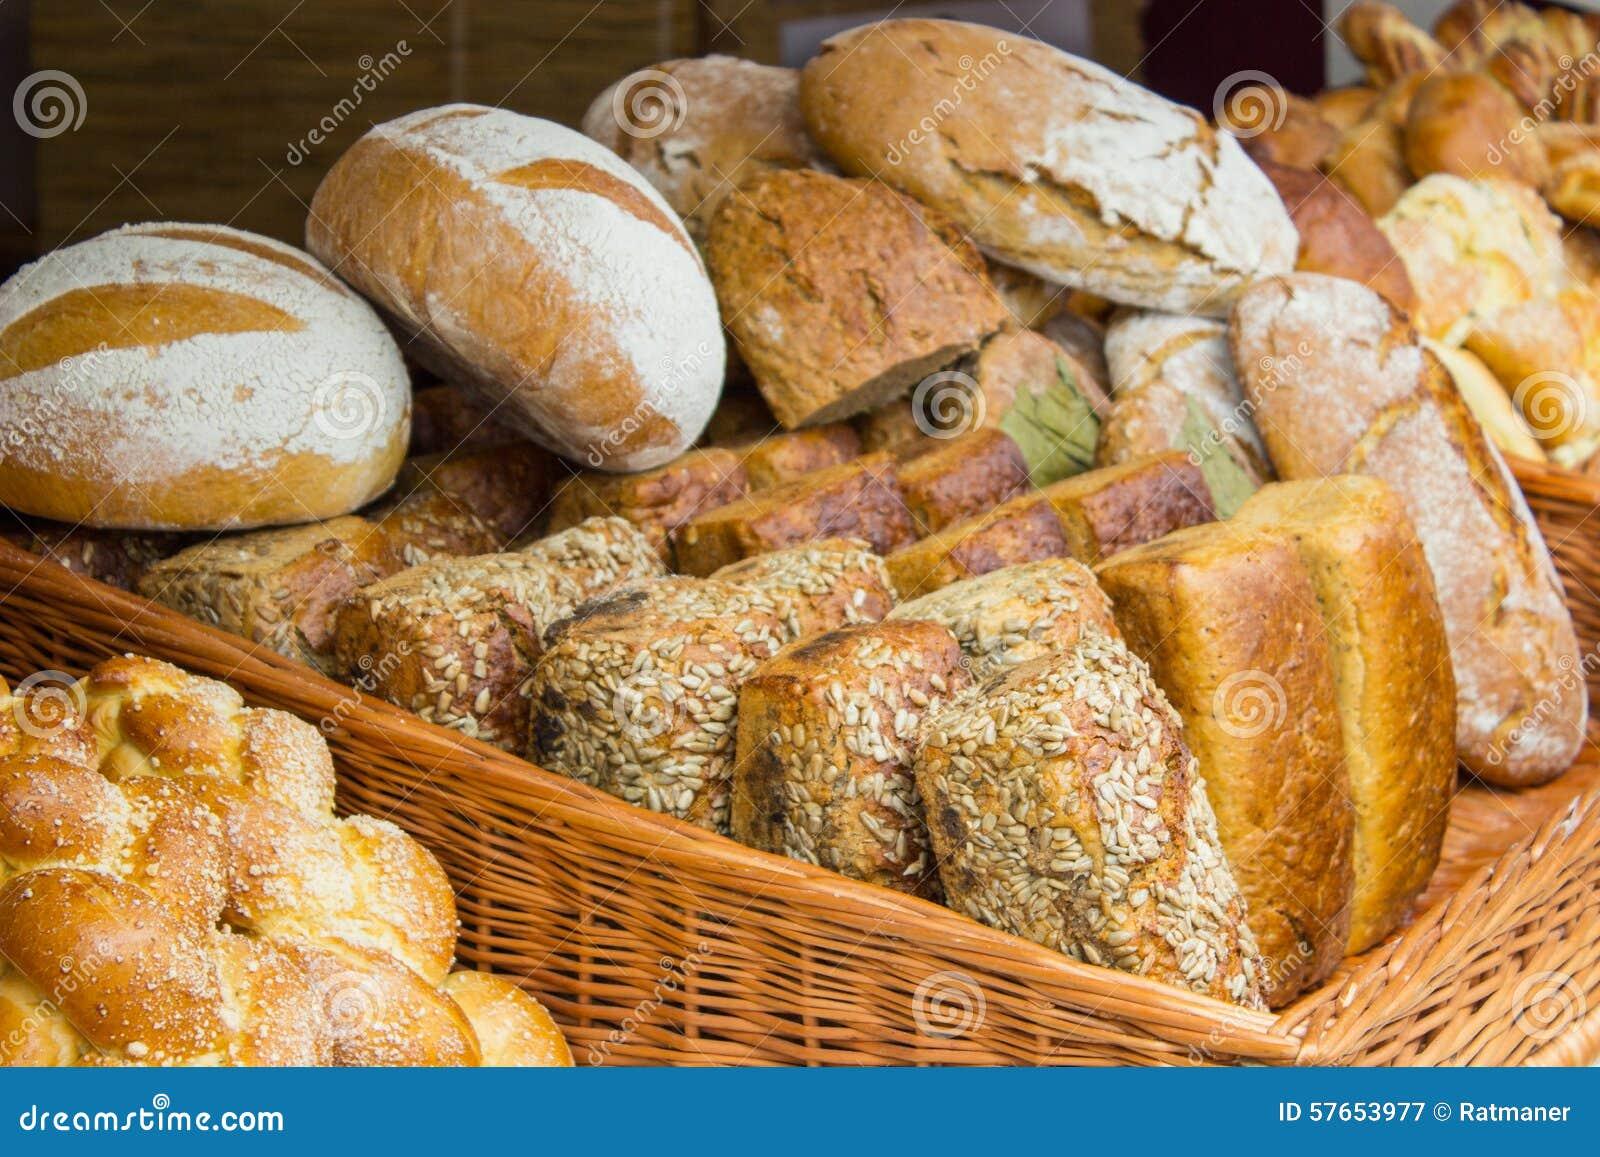 Świeżo piec tradycyjni bochenki żyto chleb na kramu